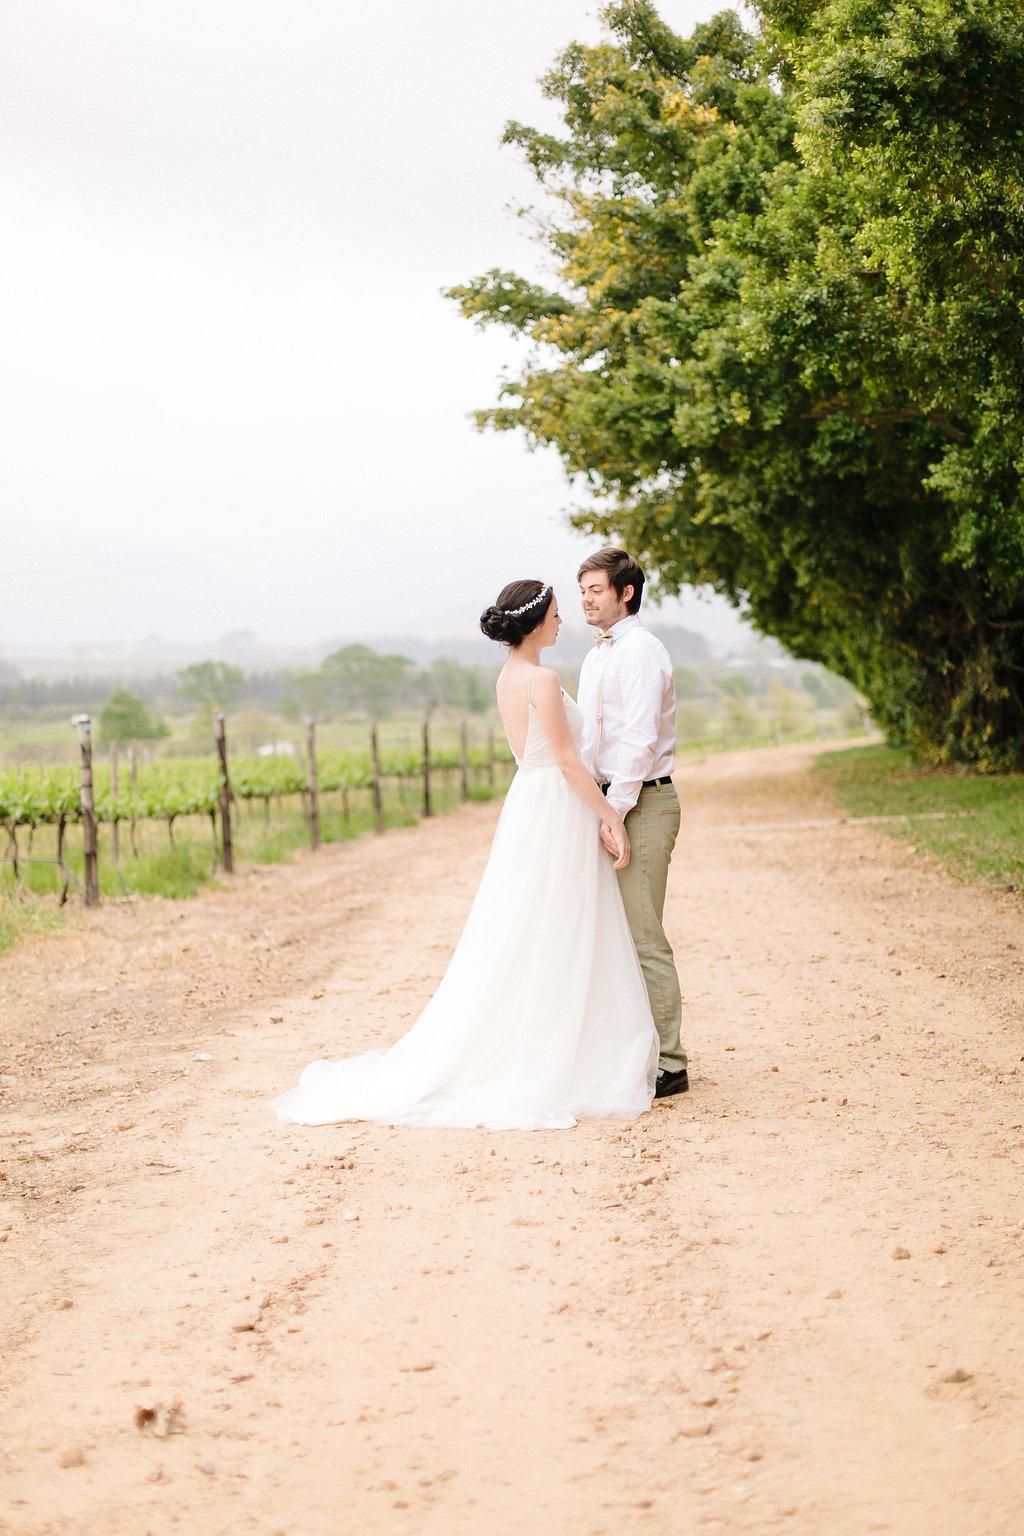 Bride and Groom | Image: Nelani Van Zyl